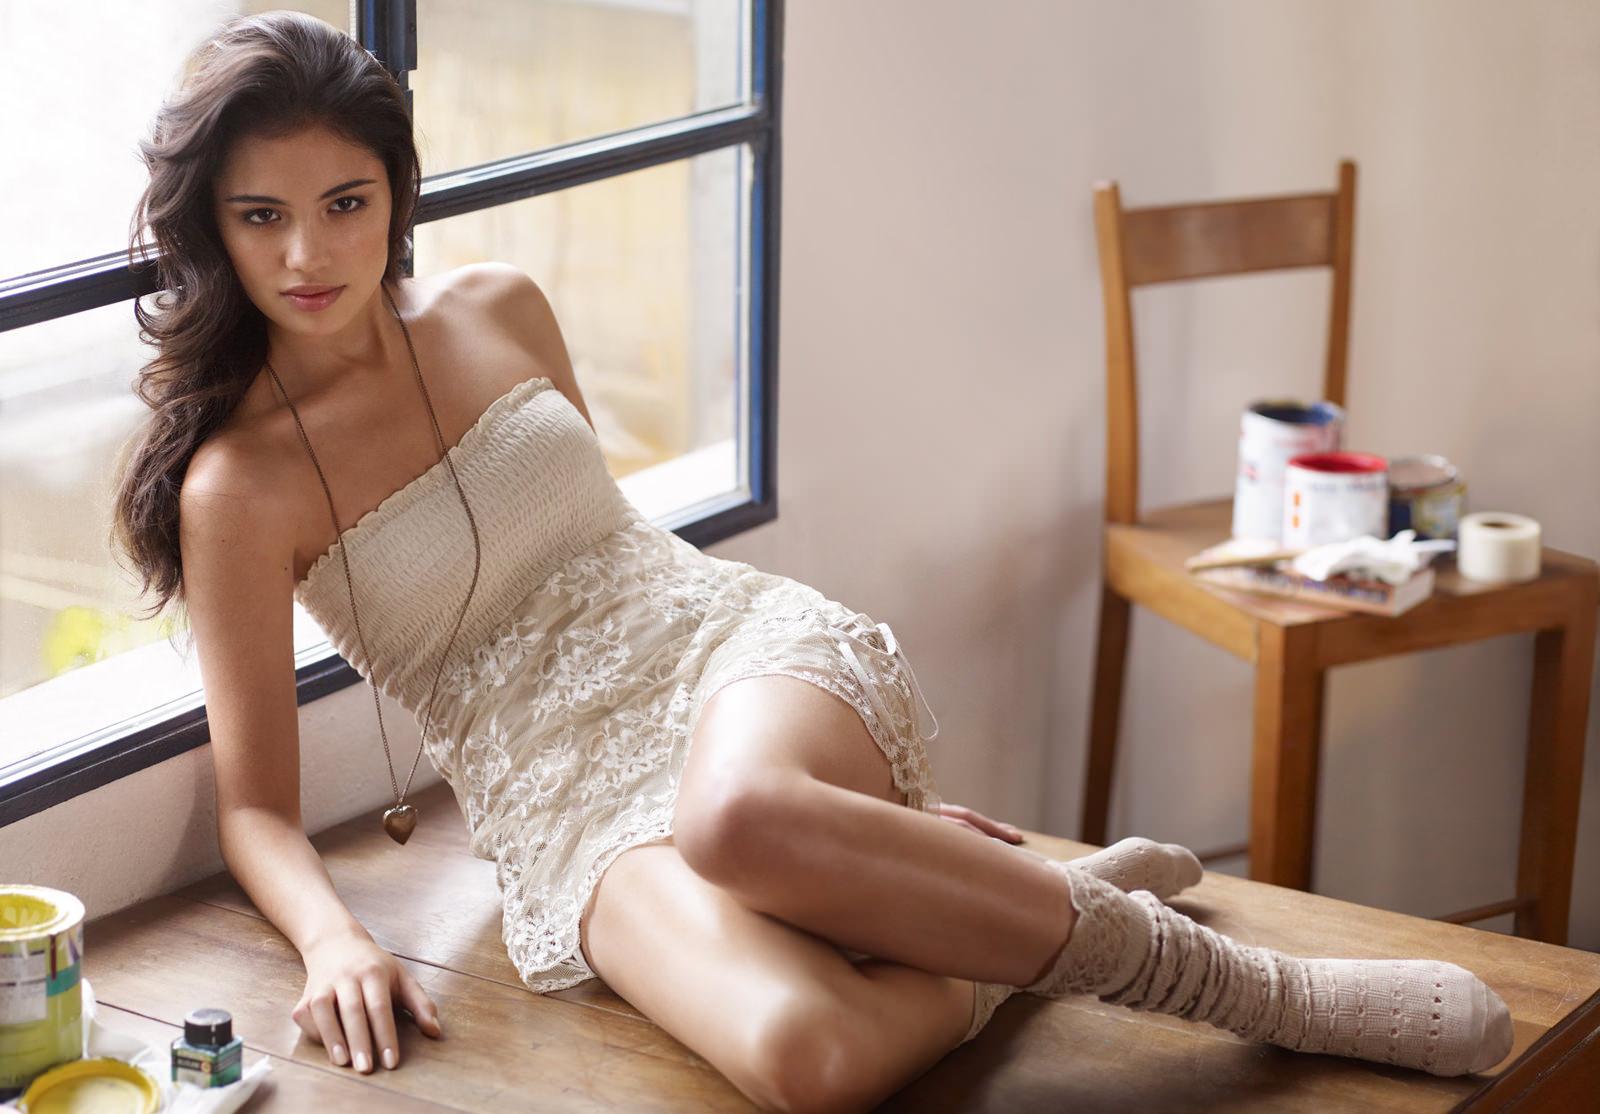 Irina Sharipova Photo Gallery